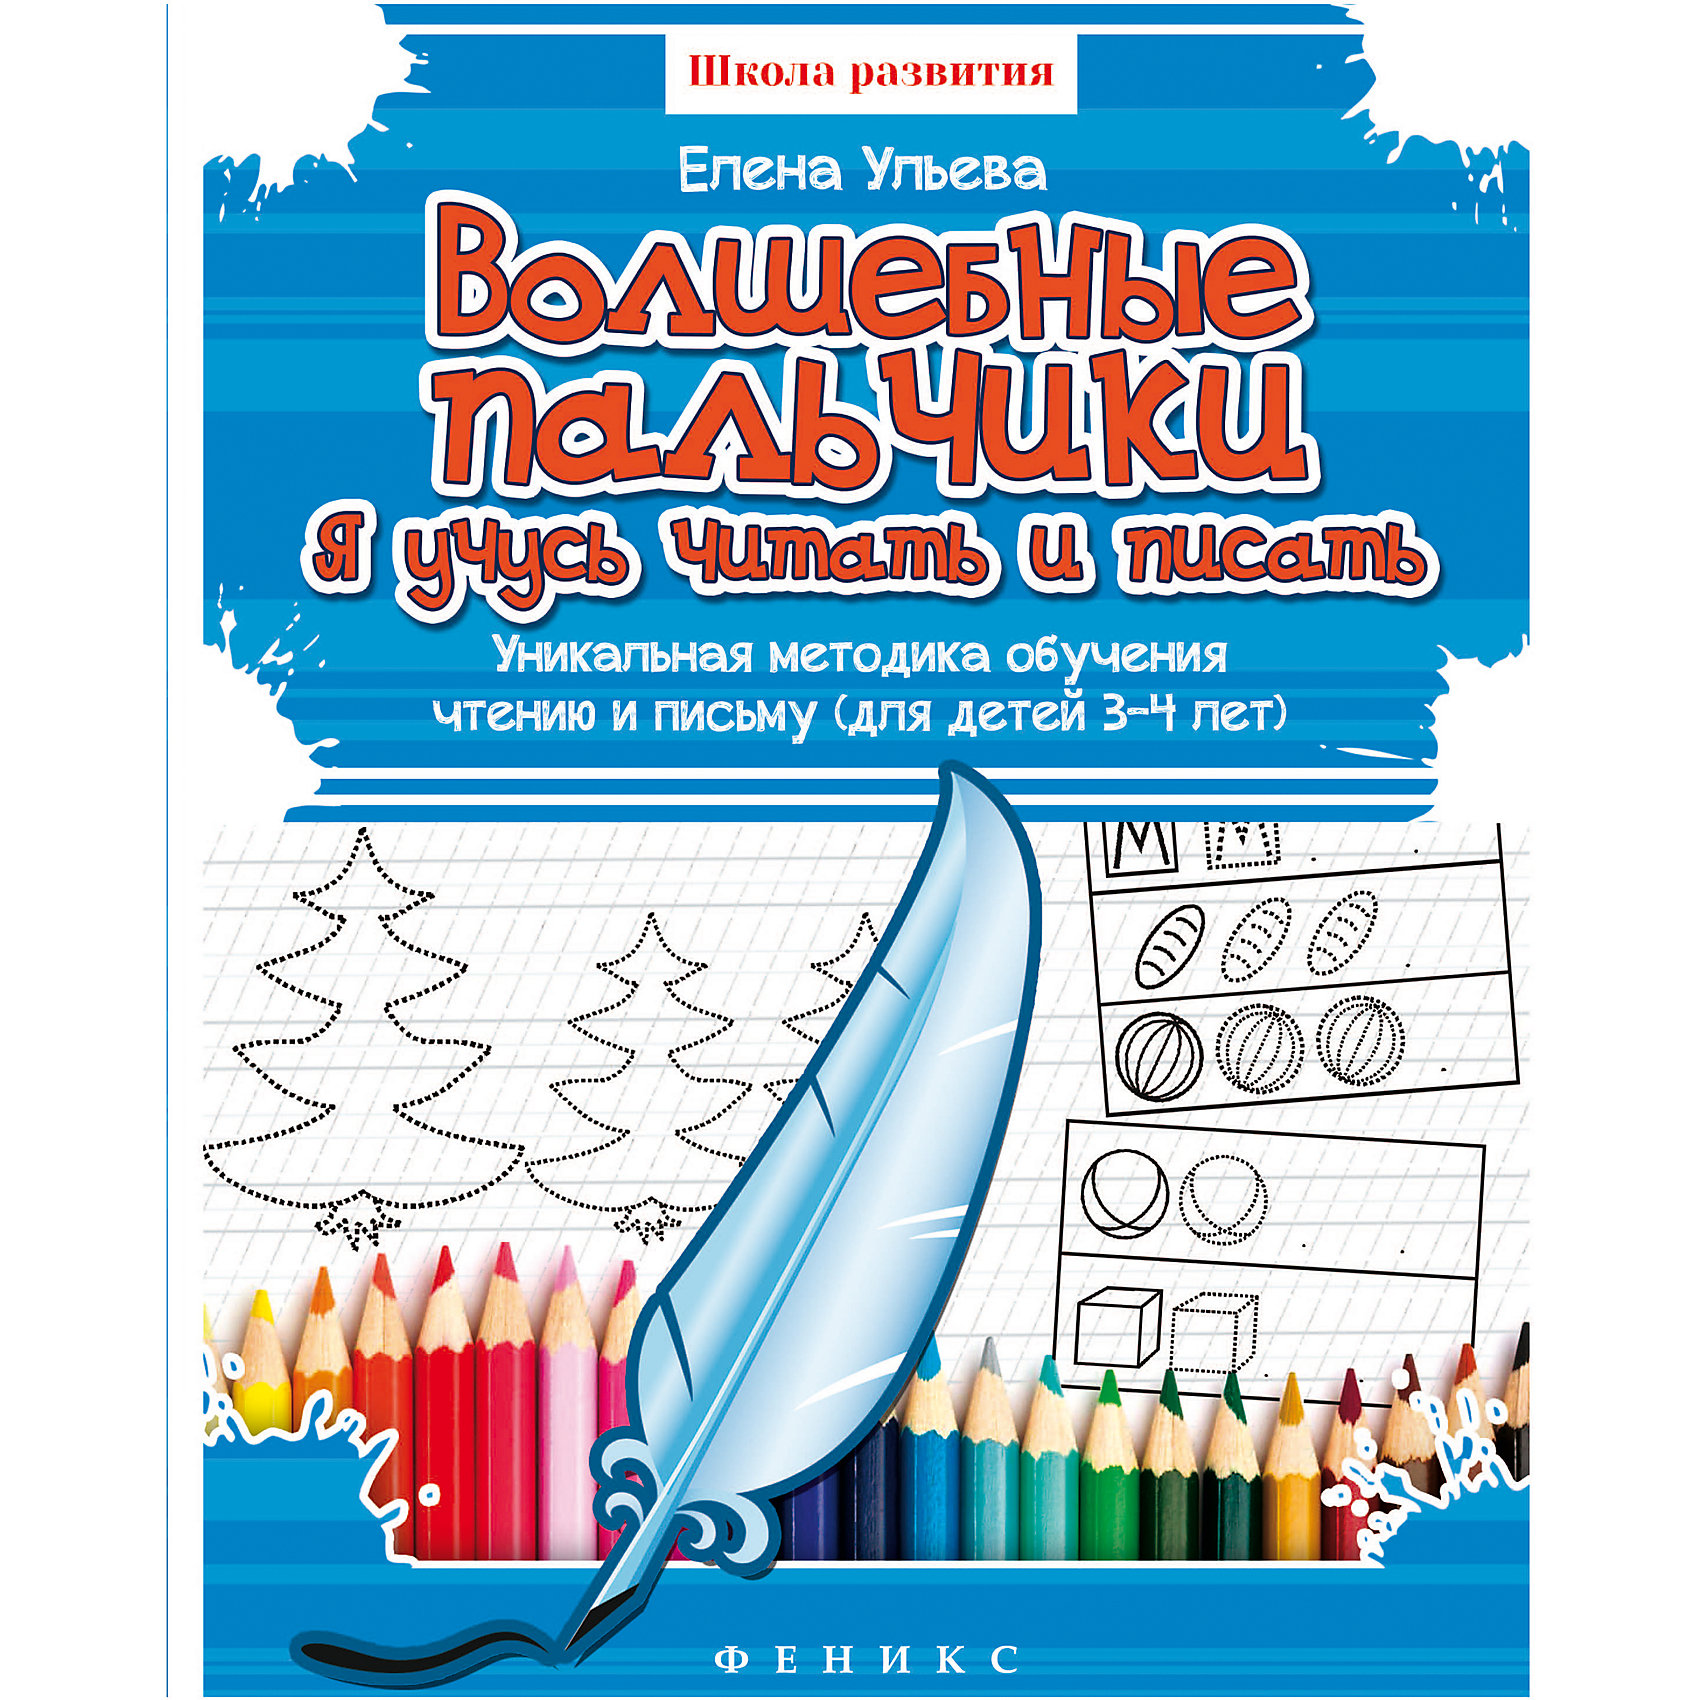 Книга Волшебные пальчики: я учусь читать и считатьНа основе заданий этой книги ребёнок в увлекательной форме освоит навыки чтения, письма, разовьёт мелкую моторику руки и закрепит навыки написания букв и цифр. Следуя от одного задания к другому в формате сказочного путешествия, ваш малыш будет учиться легко и с удовольствием.<br>Книга предназначена для родителей, педагогов дошкольных учреждений и психологов.<br><br>Ширина мм: 50<br>Глубина мм: 196<br>Высота мм: 258<br>Вес г: 184<br>Возраст от месяцев: -2147483648<br>Возраст до месяцев: 2147483647<br>Пол: Унисекс<br>Возраст: Детский<br>SKU: 5500990